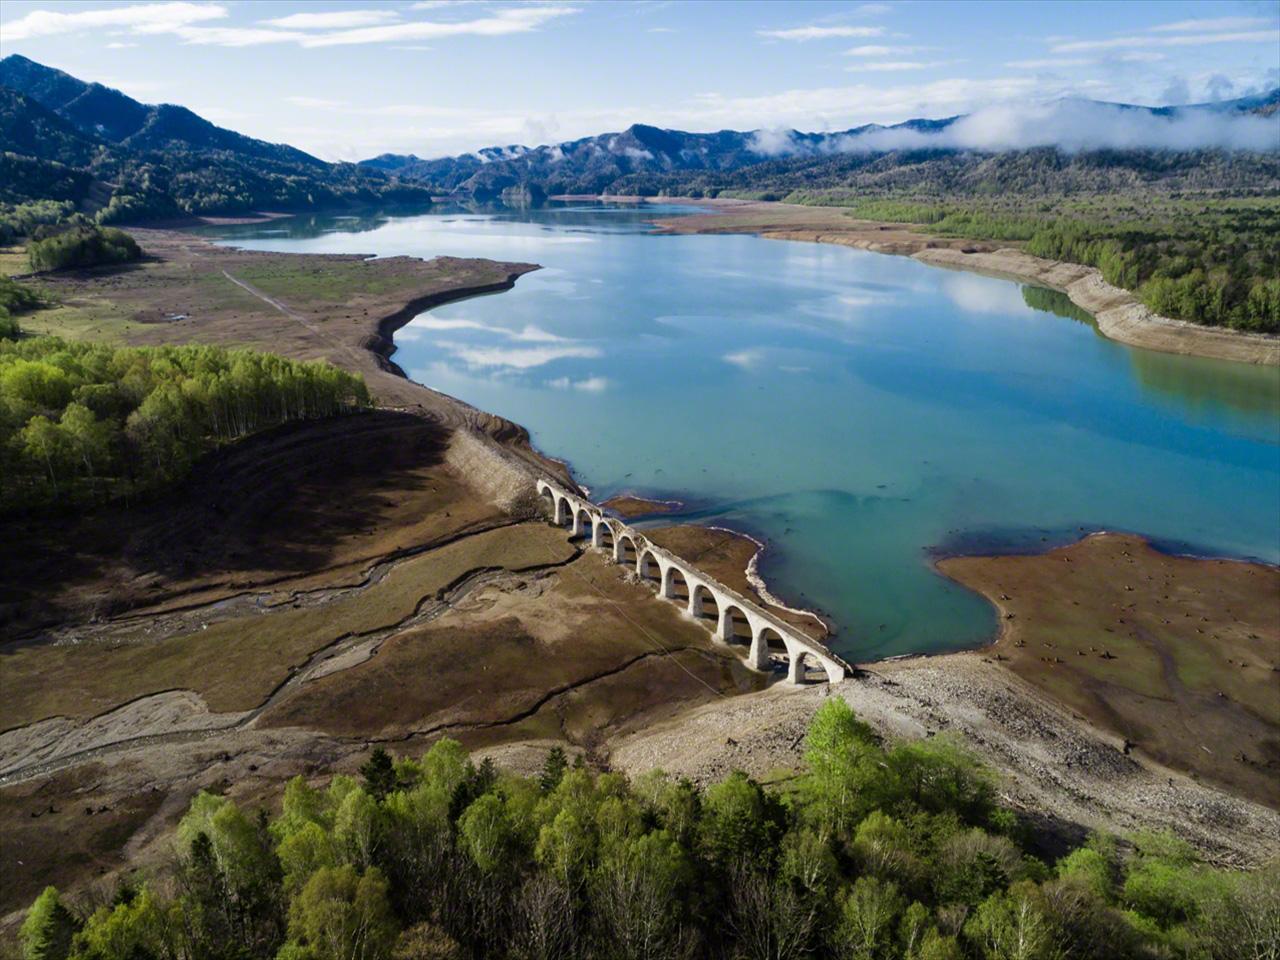 Pada bulan Mei, hutan di sekitarnya berkilau dengan dedaunan baru. Aliran salju mengalir ke danau, membawa permukaan air secara bertahap mendekati jembatan.